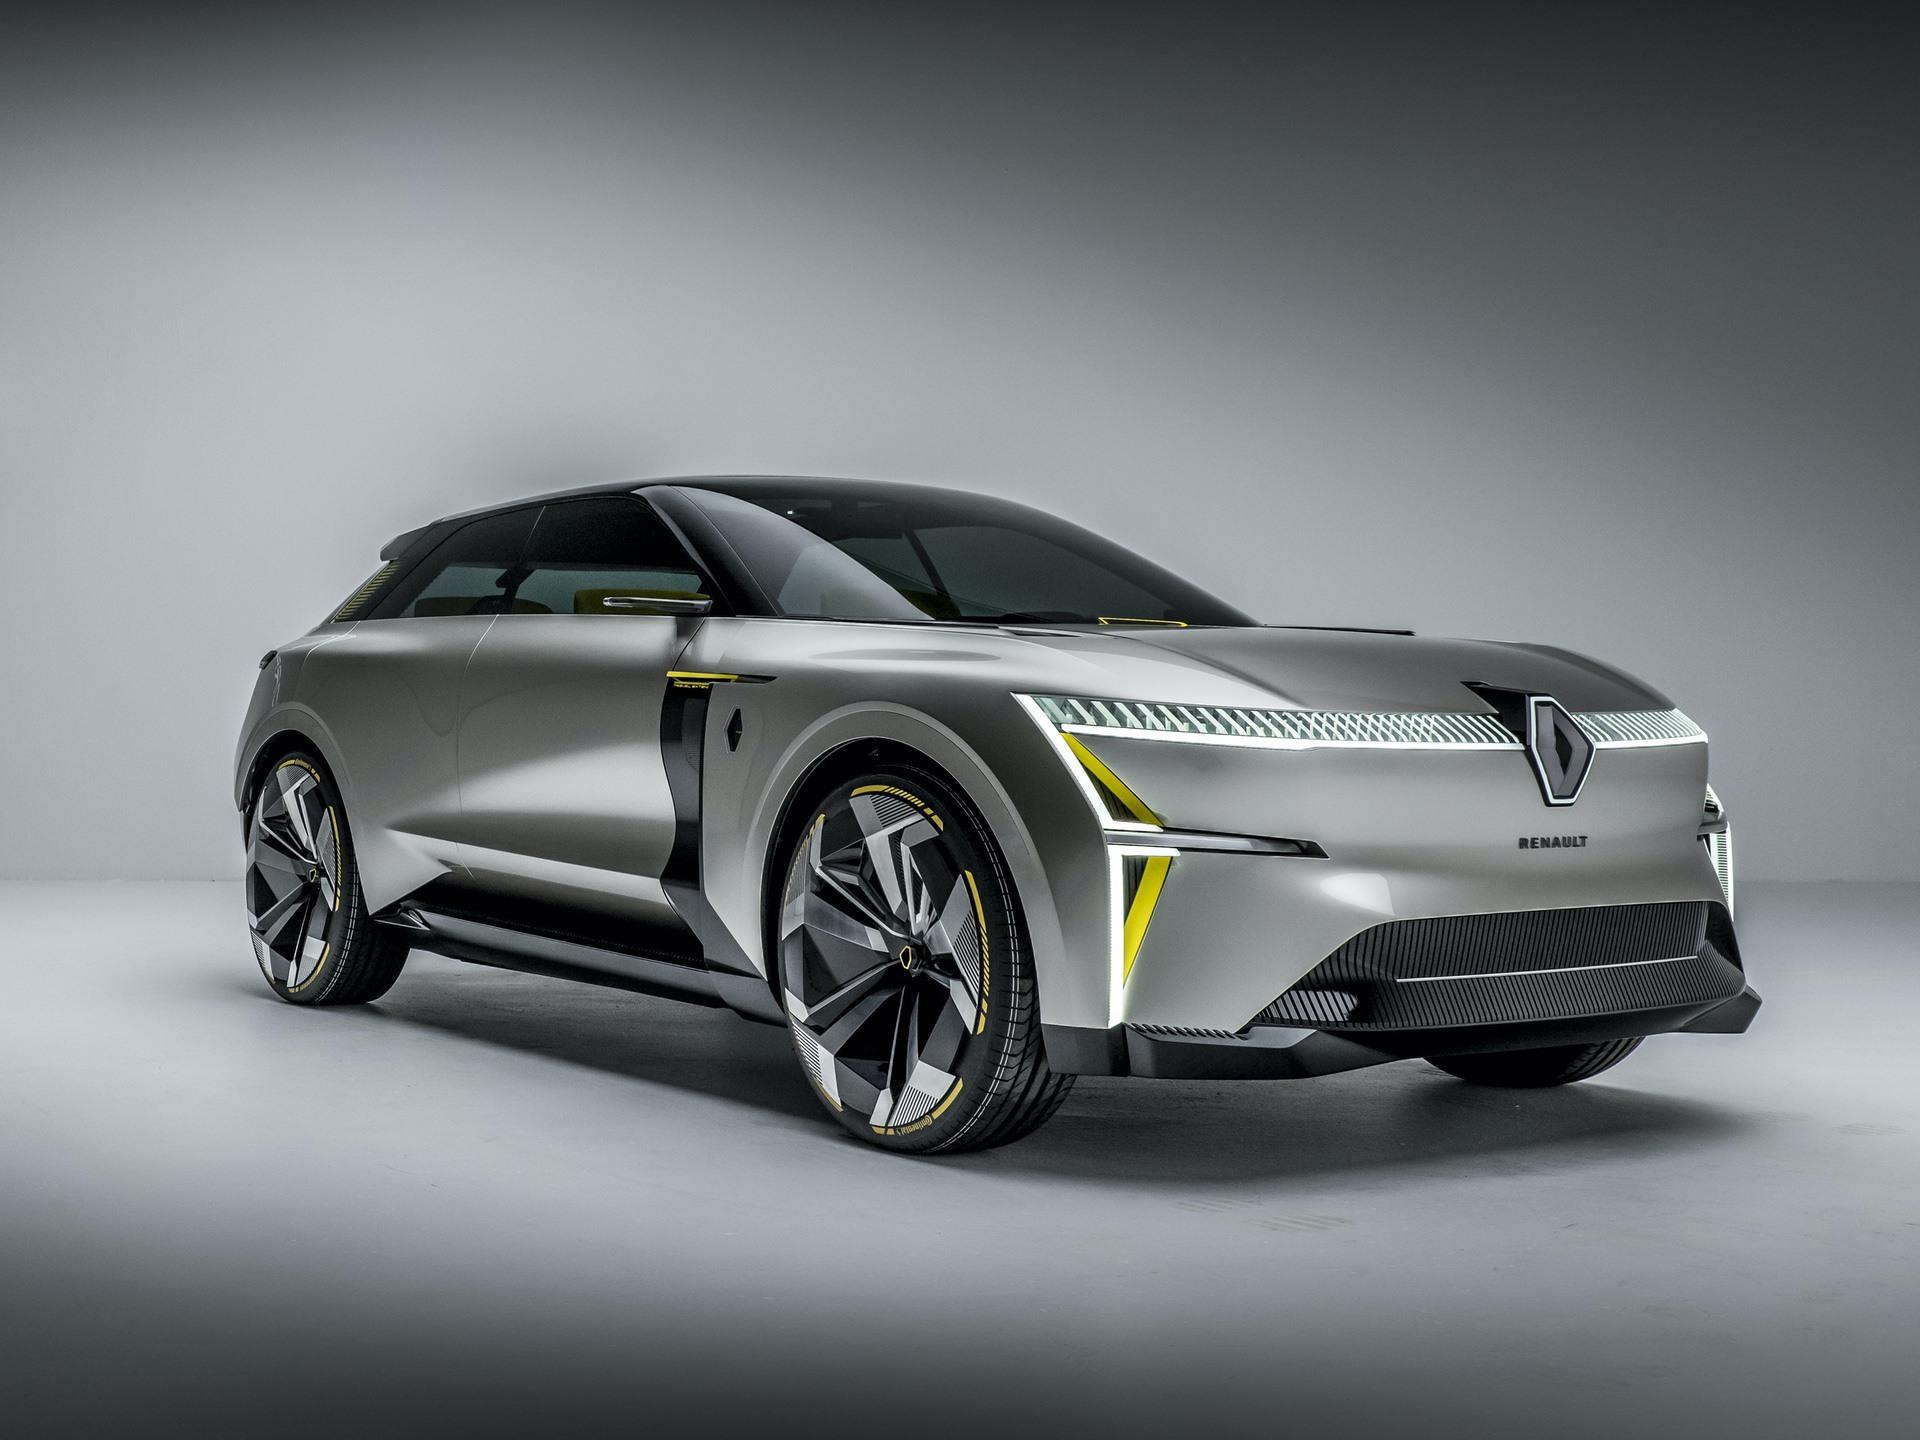 Renault_Morphoz_concept_0063